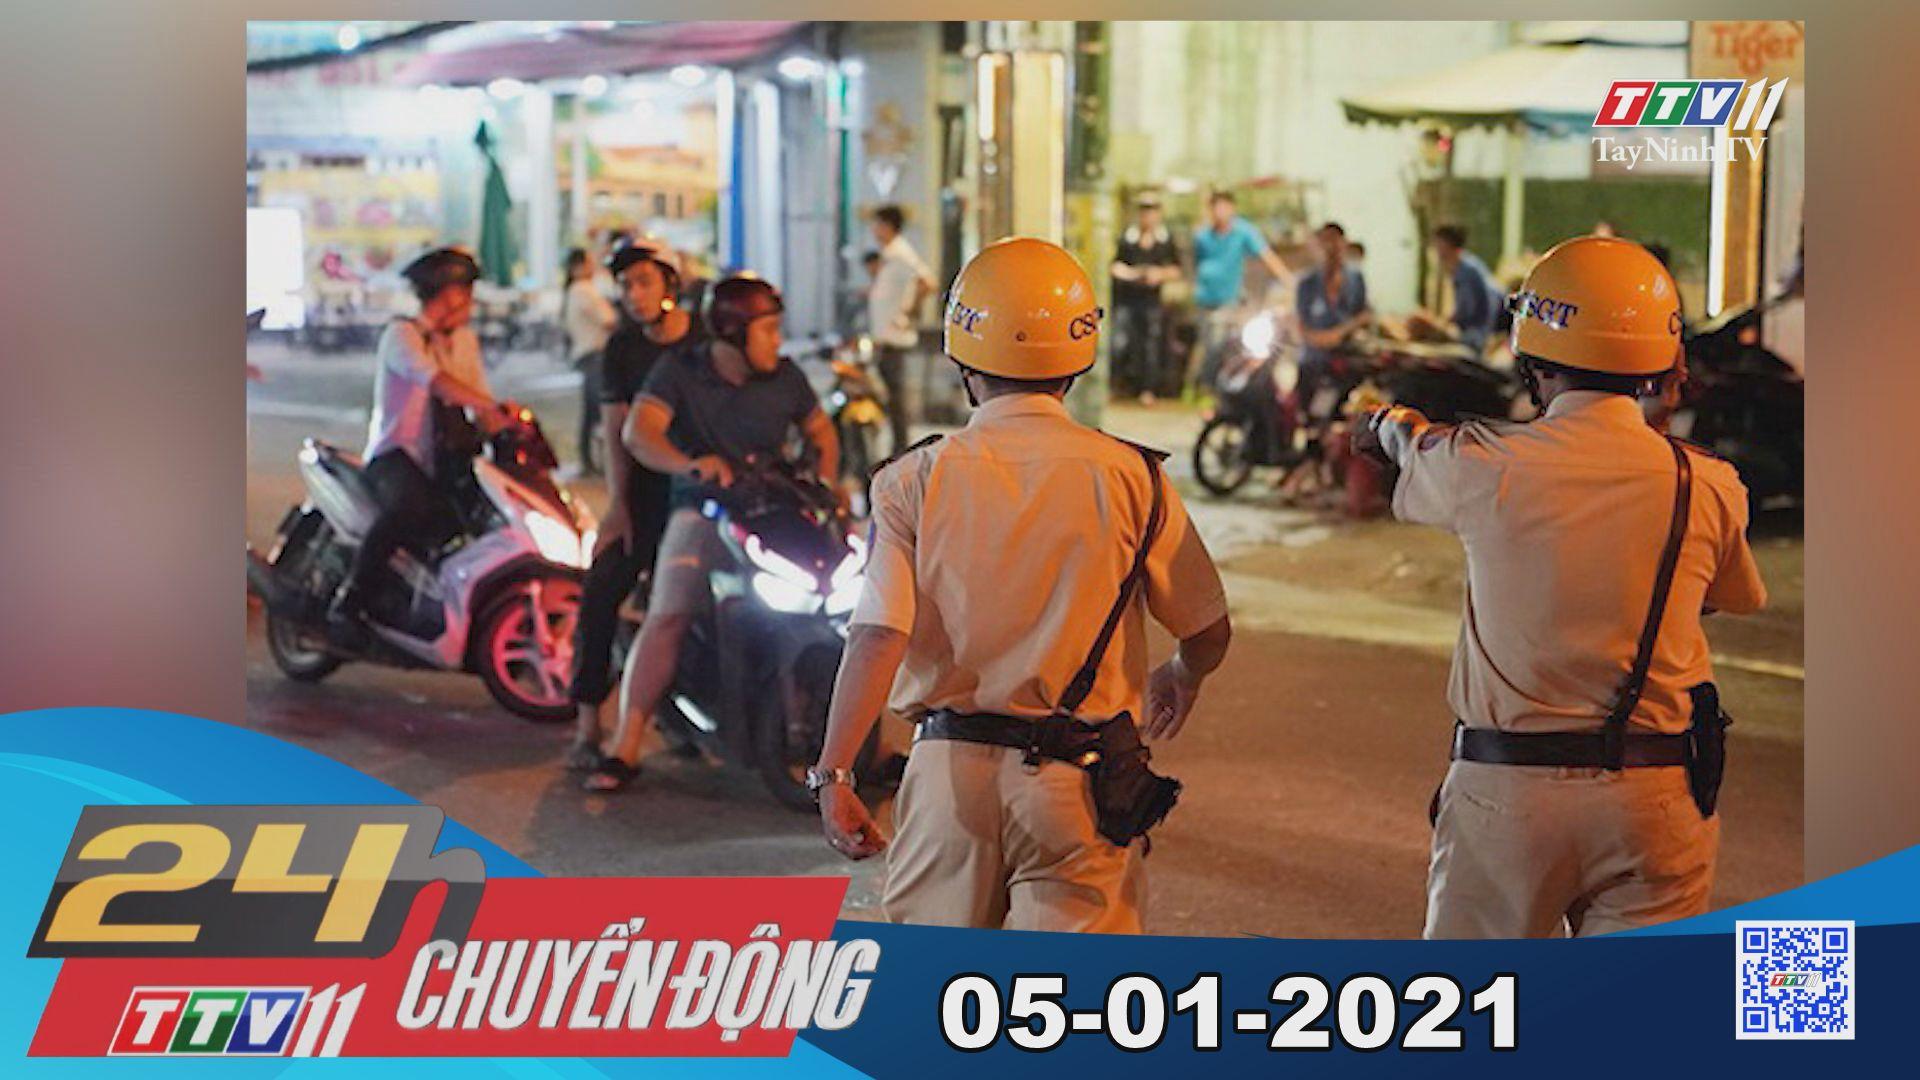 24h Chuyển động 05-01-2021 | Tin tức hôm nay | TayNinhTV